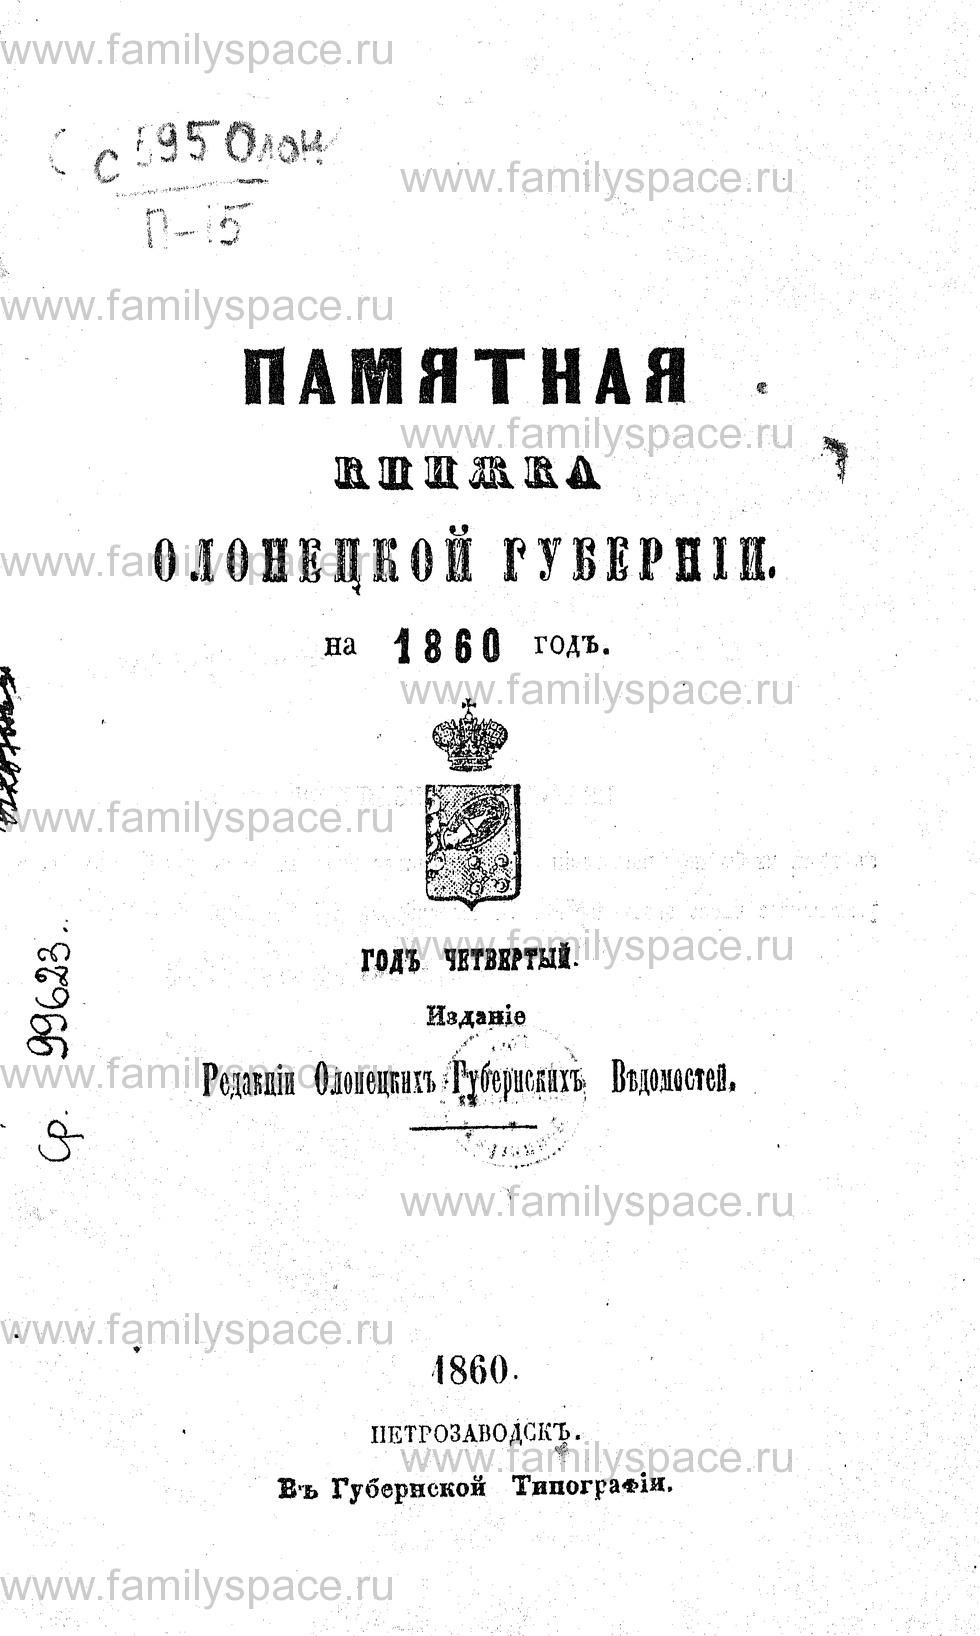 Поиск по фамилии - Памятная книжка Олонецкой губернии на 1860 г, страница 1